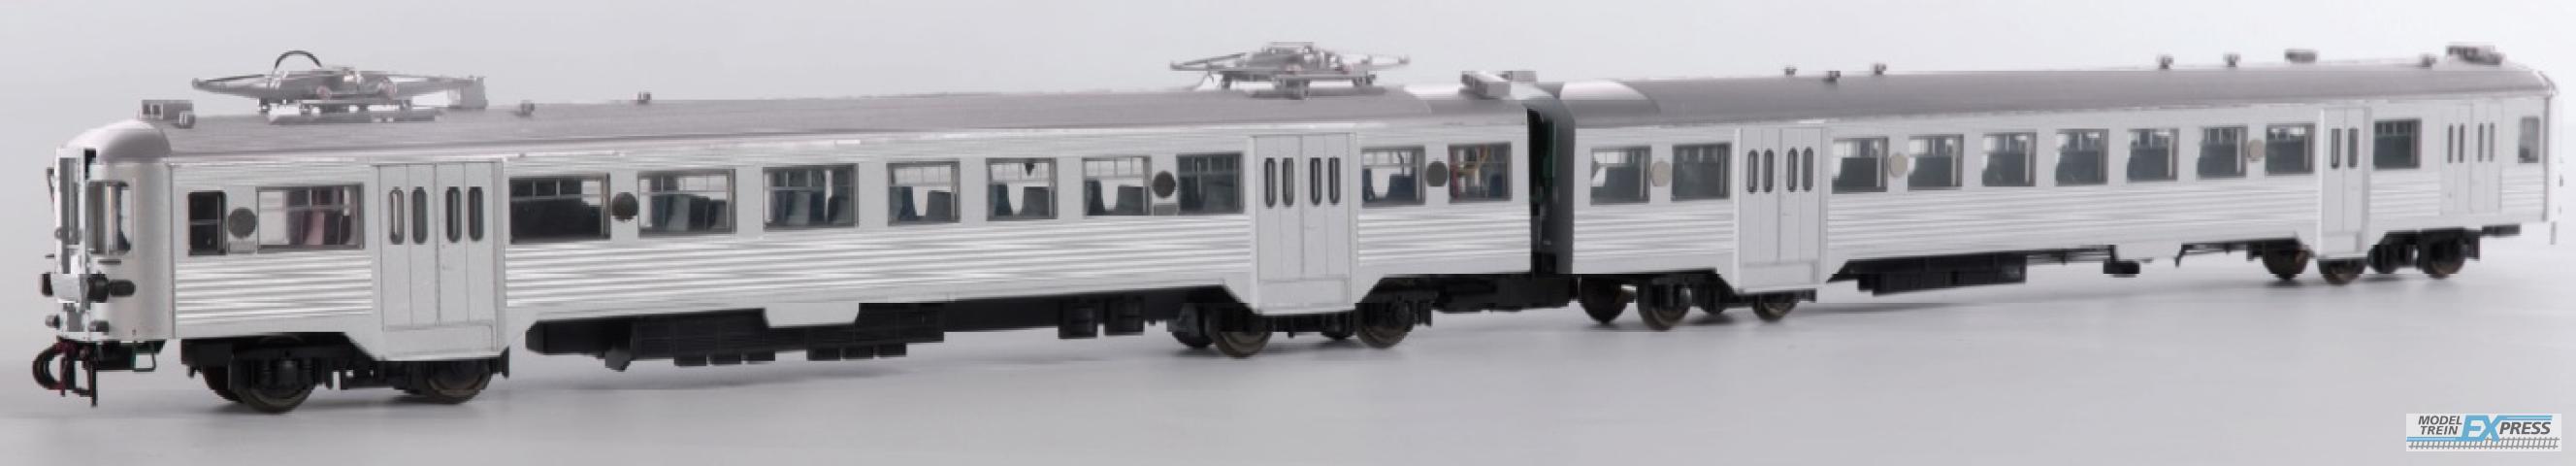 B-Models 7101.03